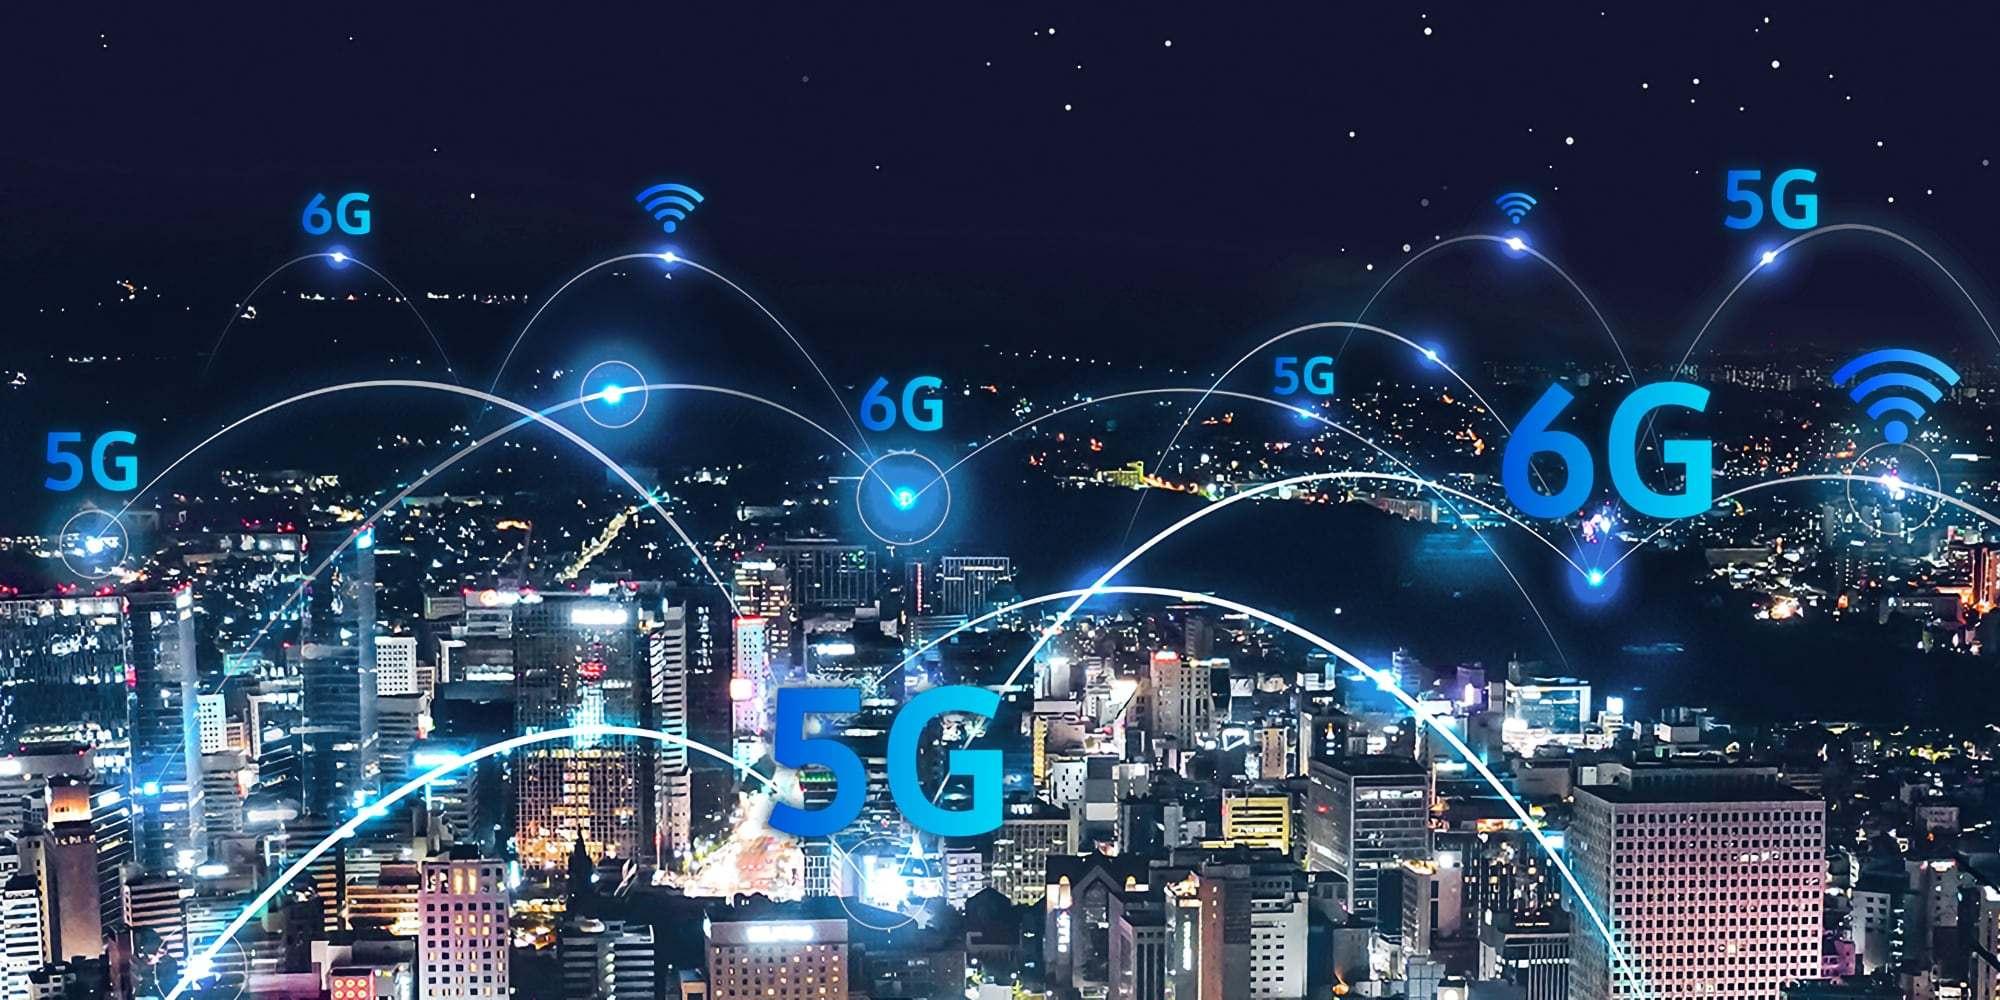 Samsung 6G teknolojisi için tarih verdi #1